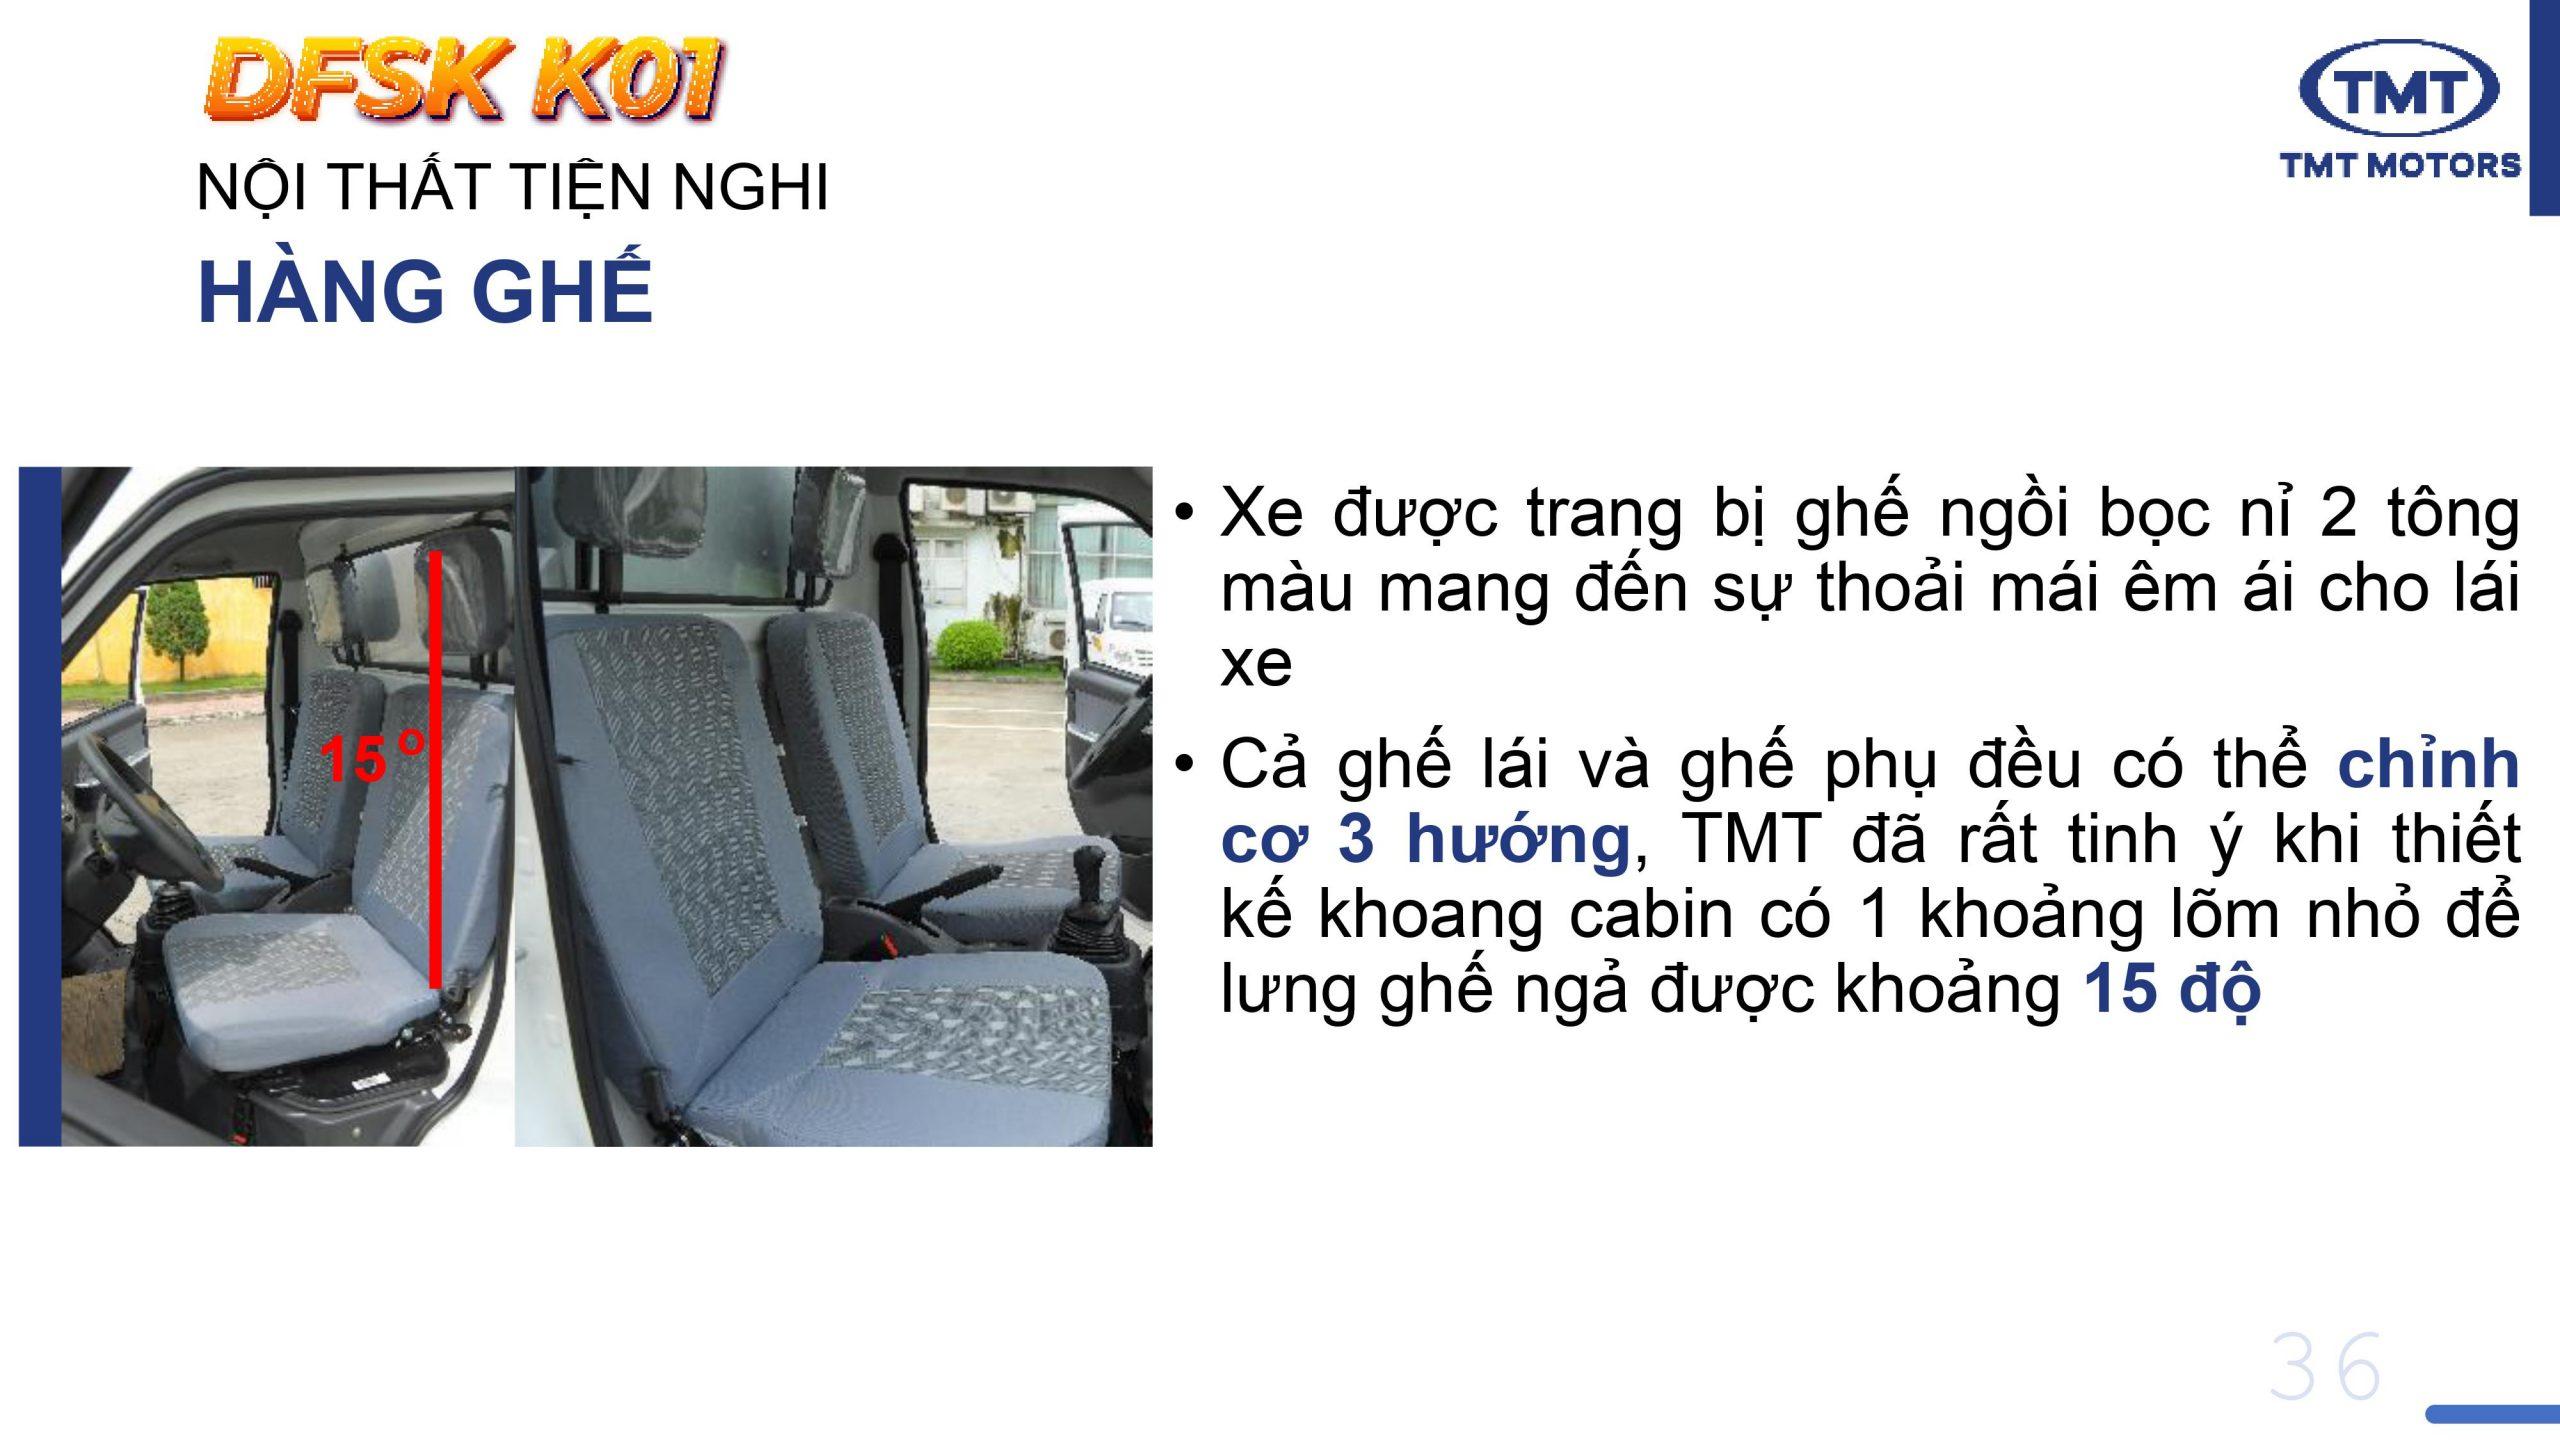 Ghế Xe Tải TMT K01 rộng rãi thoải mái và sang trọng